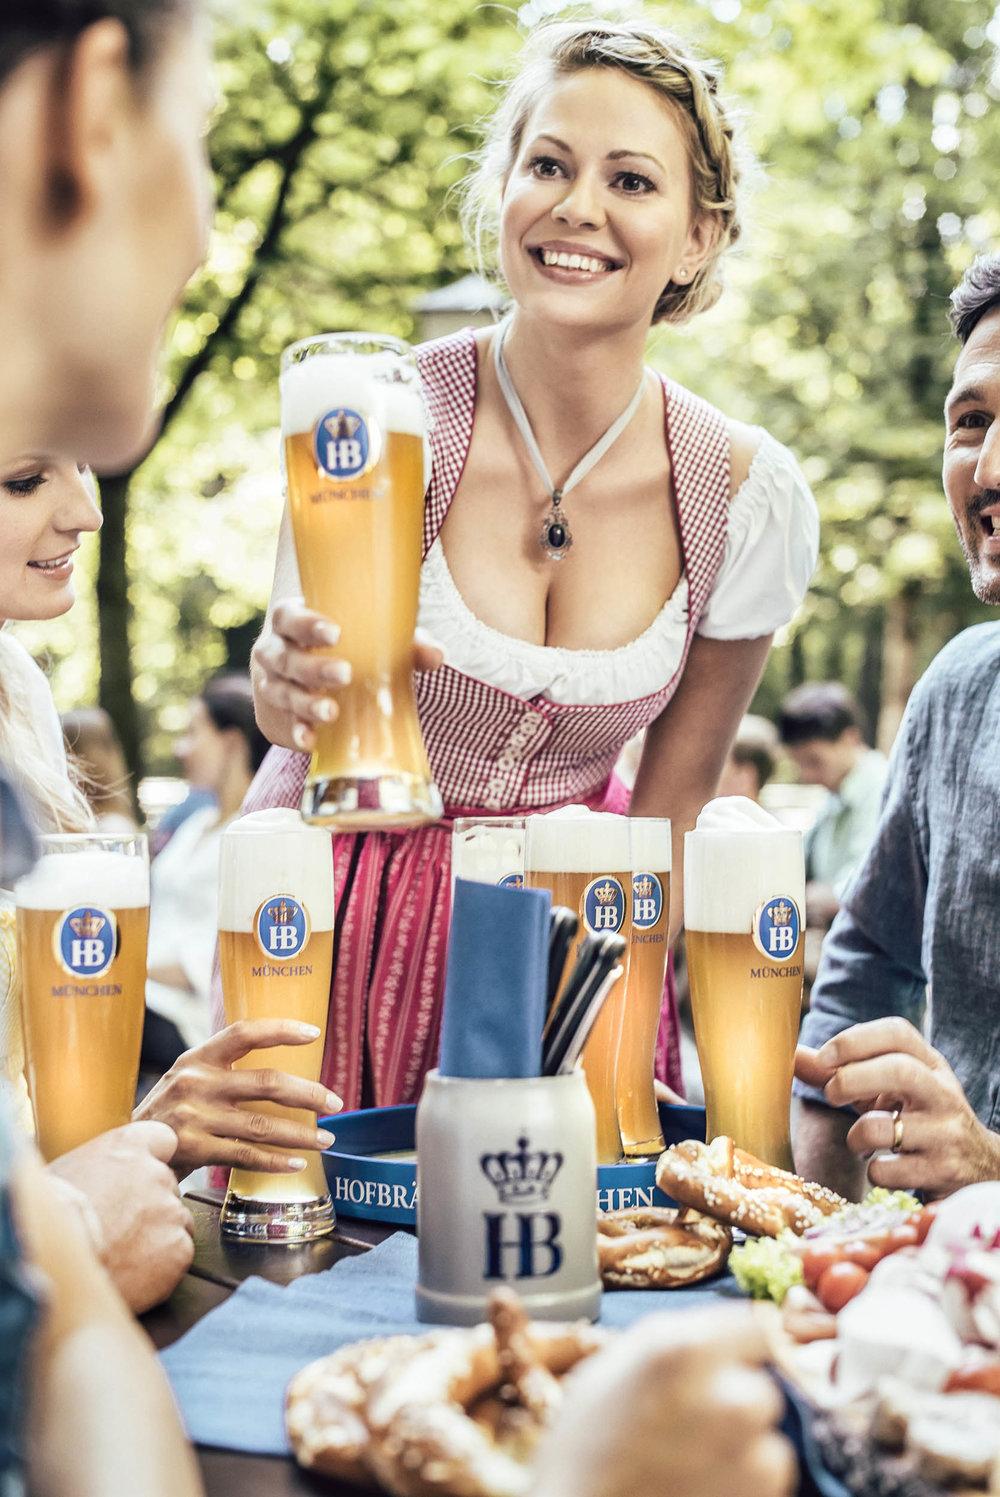 seifertuebler-lifestyle-hofbraeu-muenchen-oktoberfest-beer-07.jpg